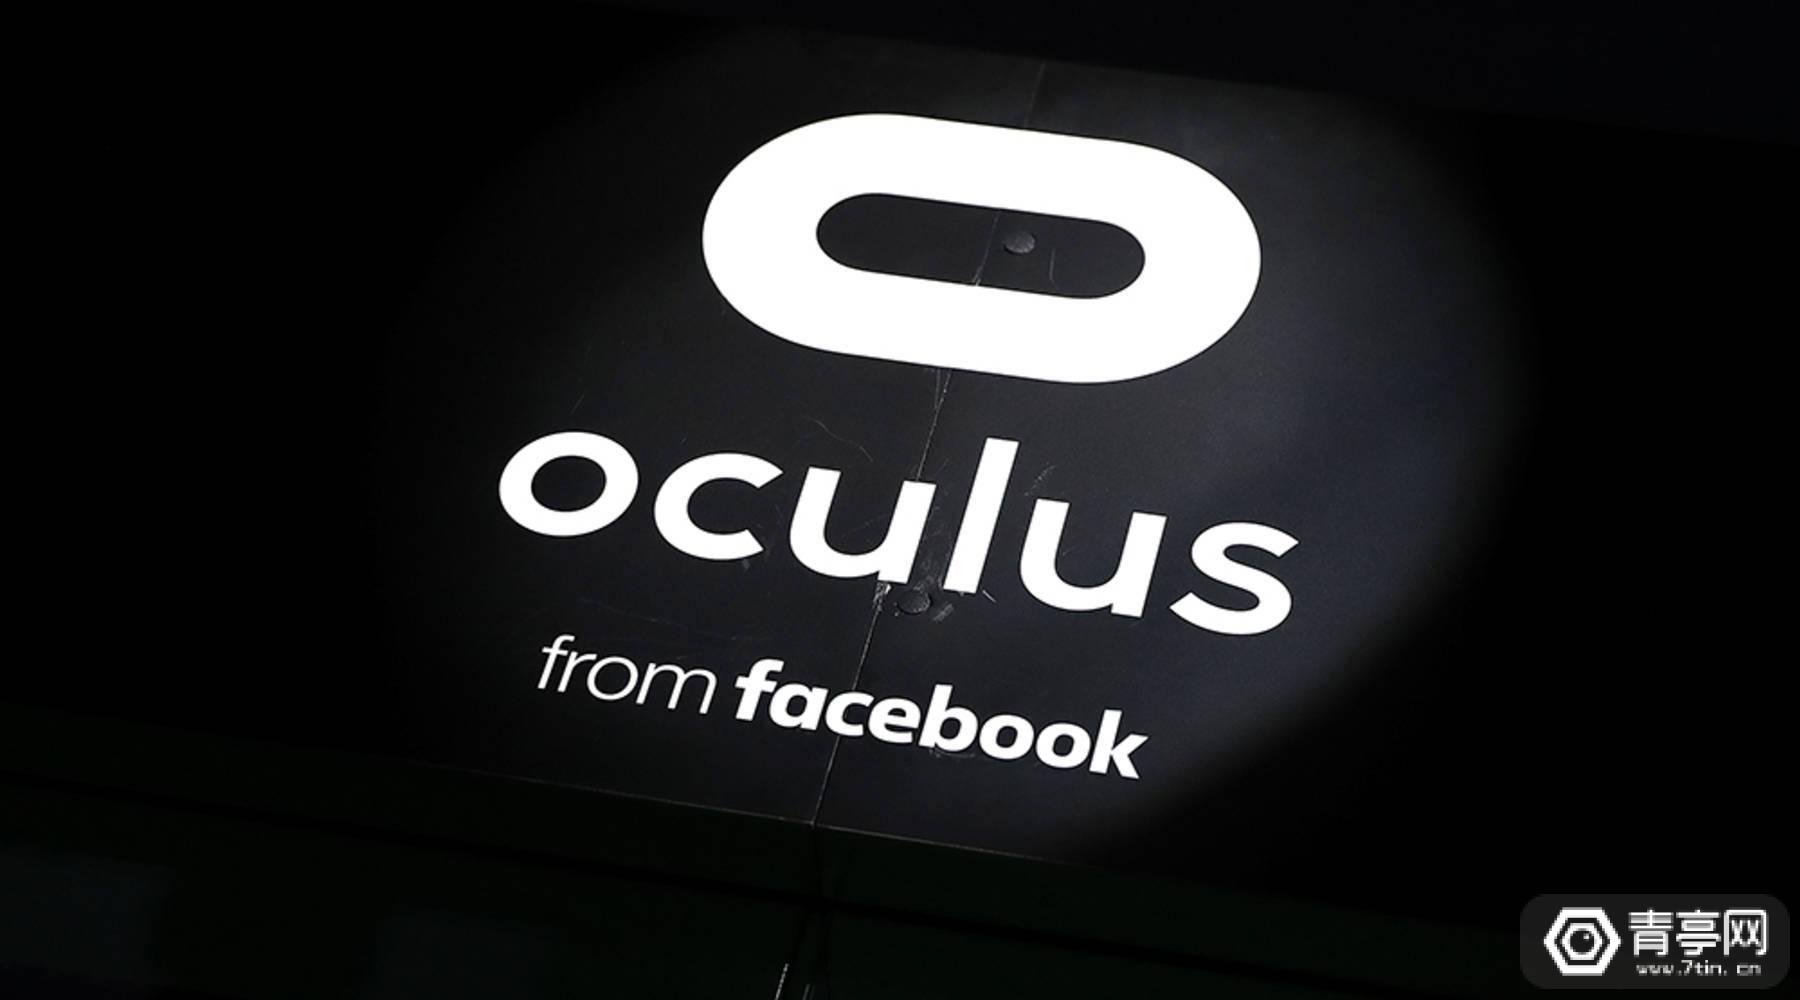 Oculus VR产品总监访谈:现在是VR行业的转折点